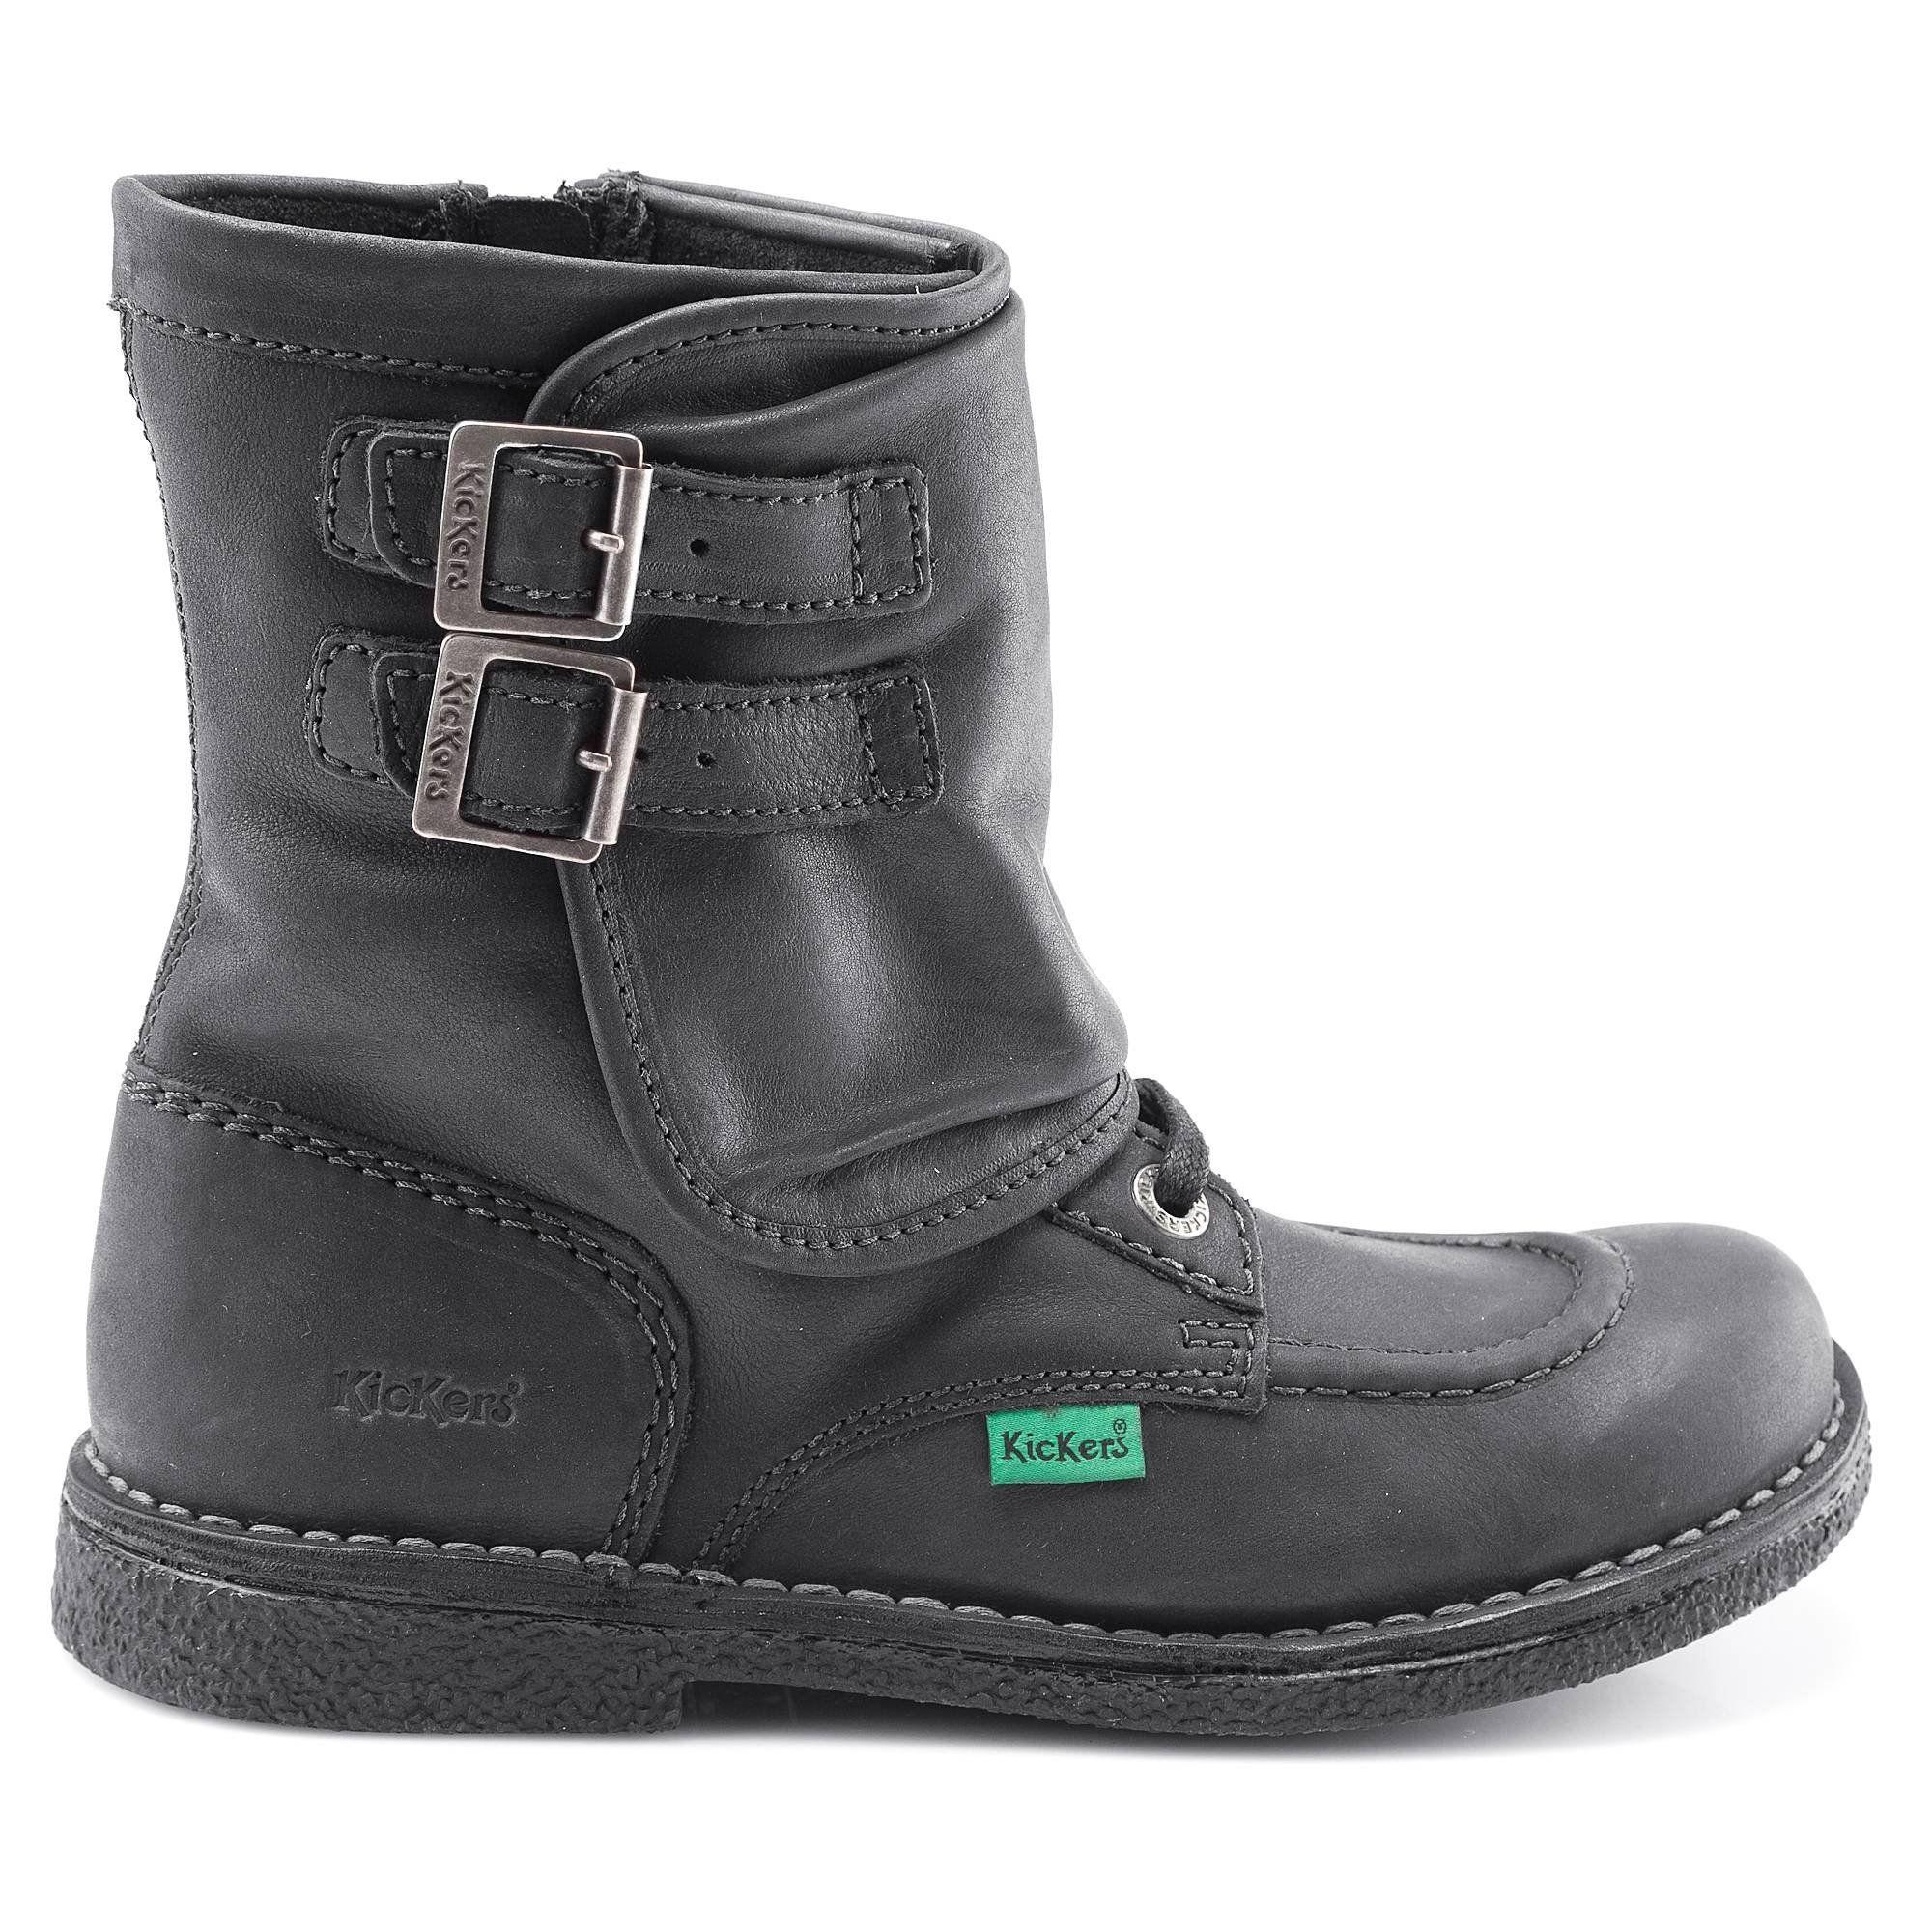 Kickers BOOTS OXFORDCHIC NOIR - Livraison Gratuite avec  - Chaussures Boot Femme